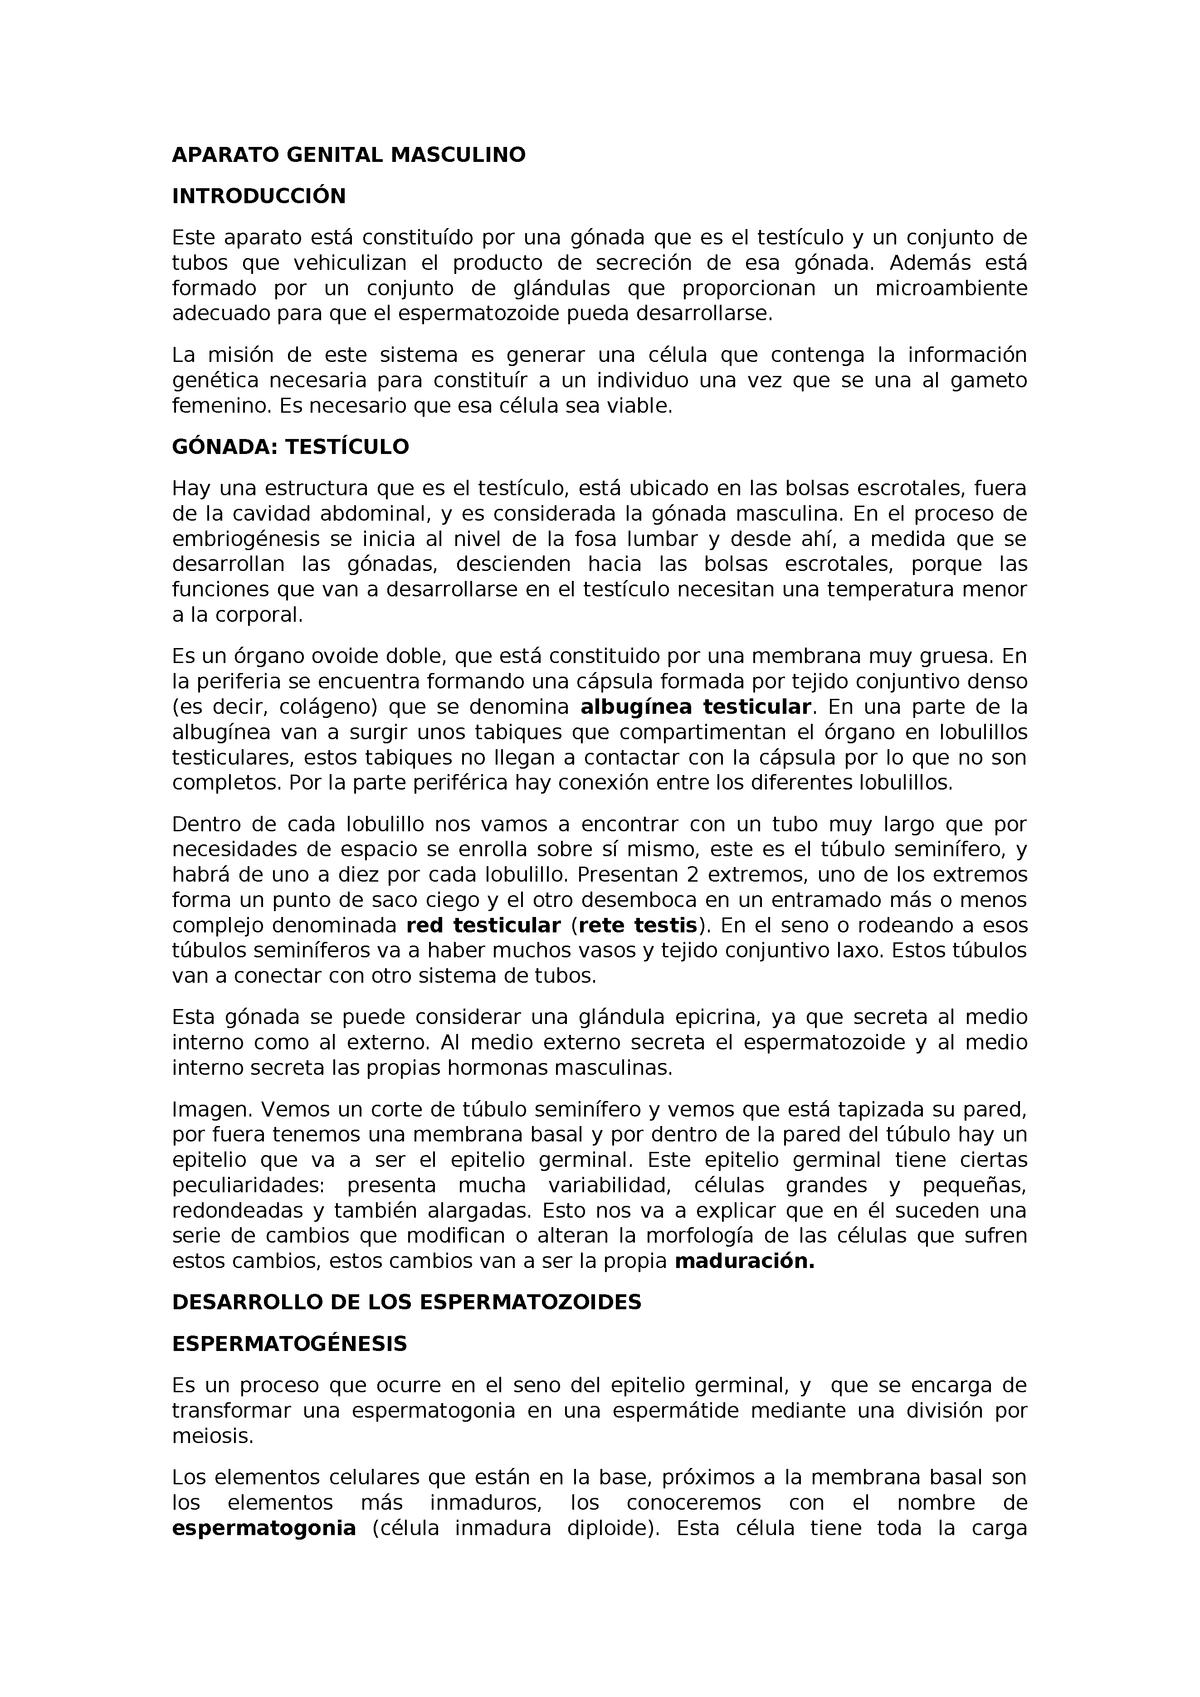 Aparato Genital Masculino Y Femenino Completos G2051109